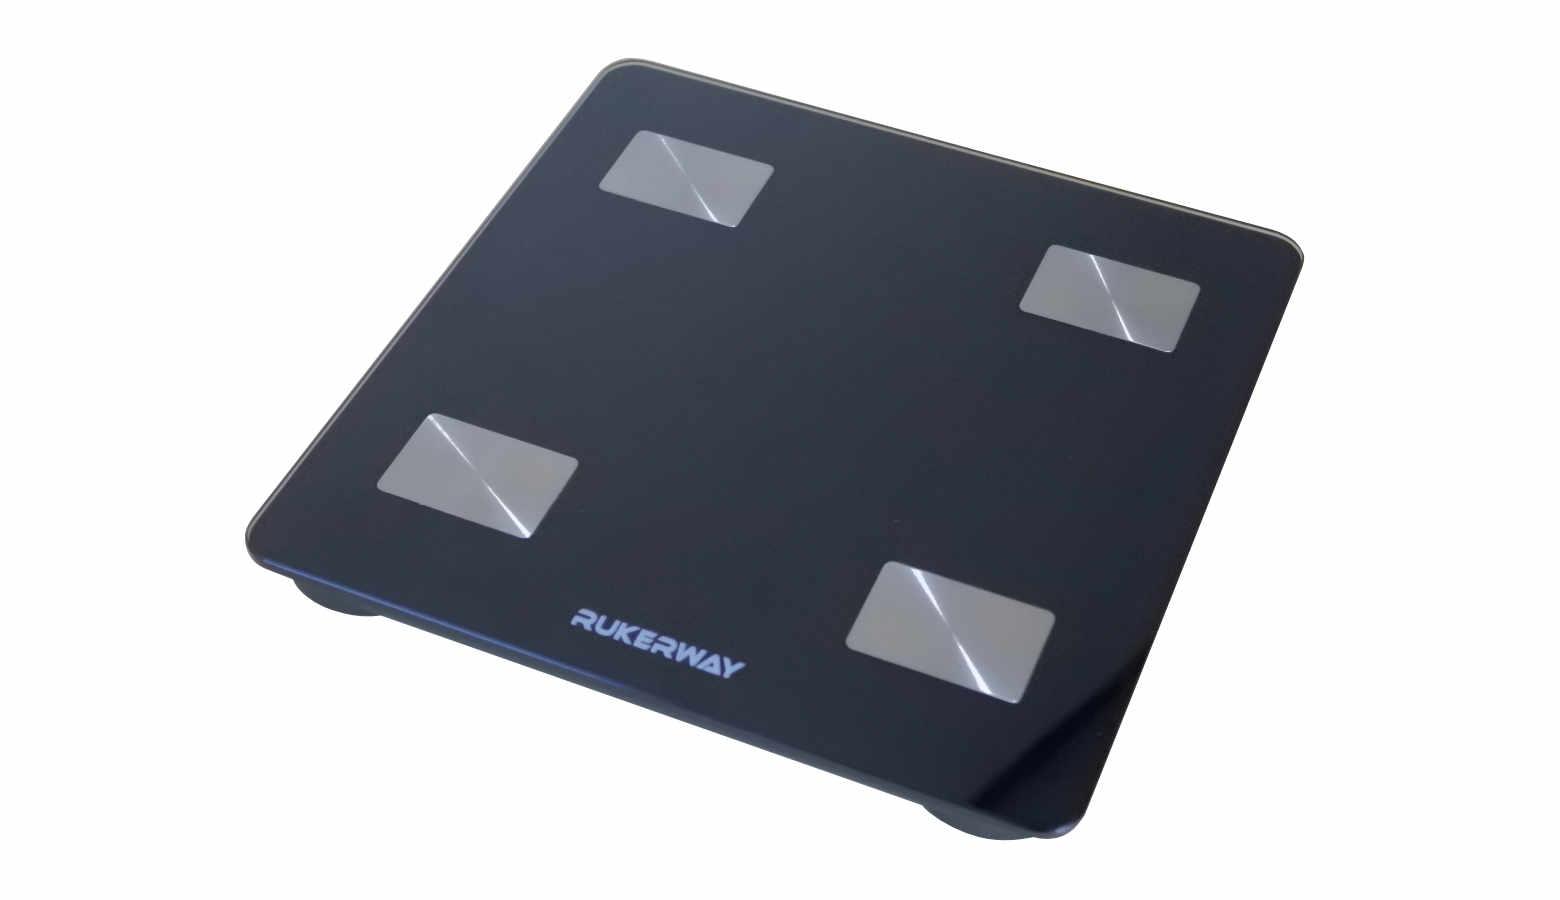 Rukerwayの体重計